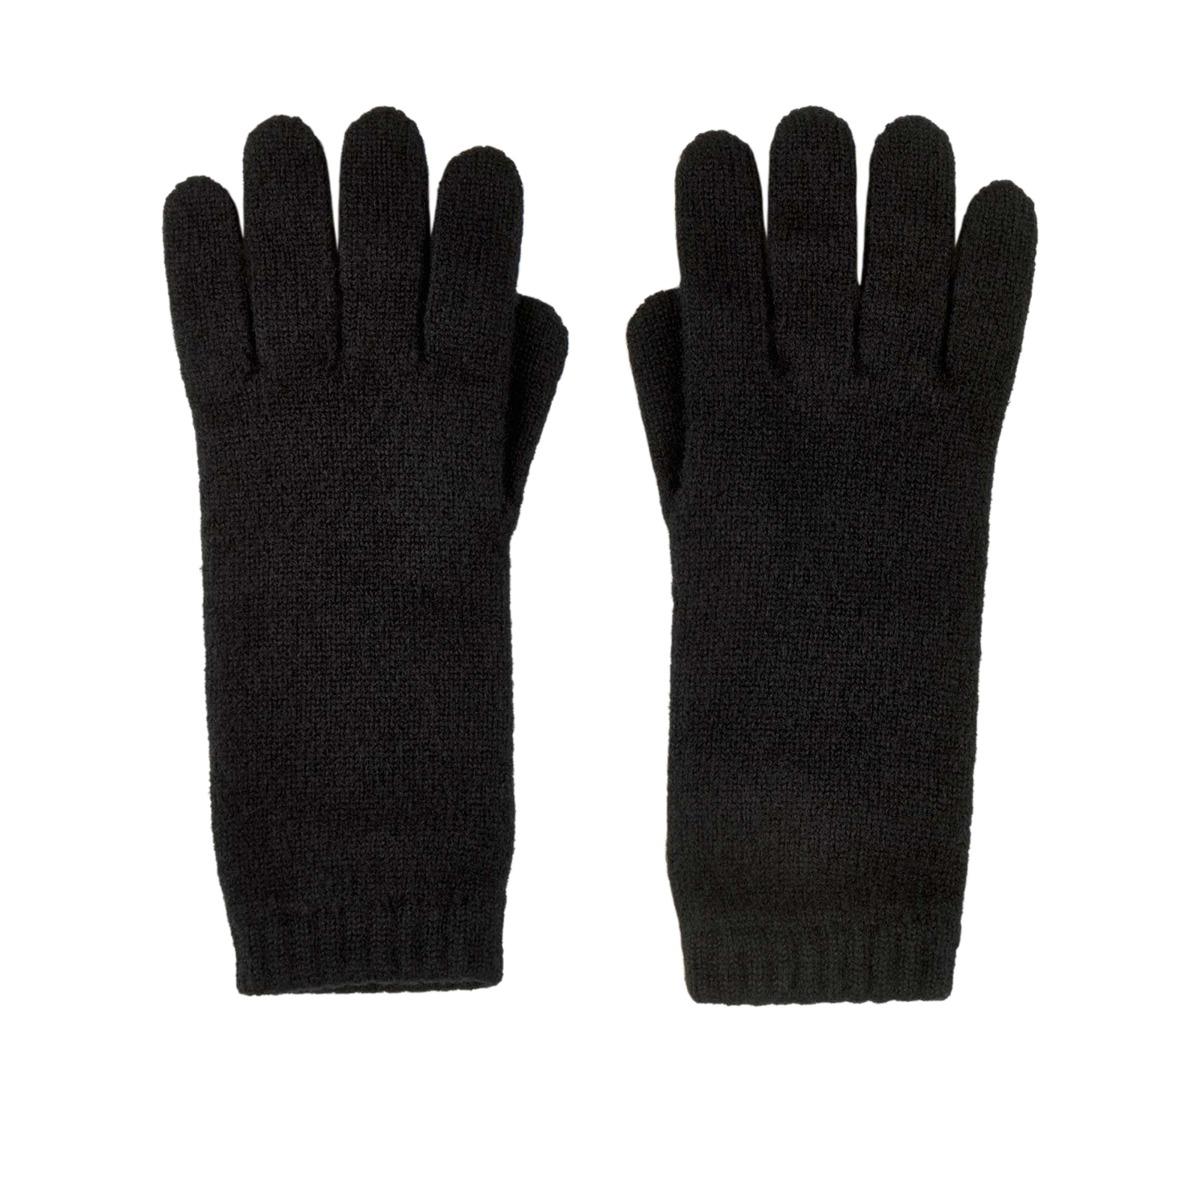 Black cashmere women's gloves